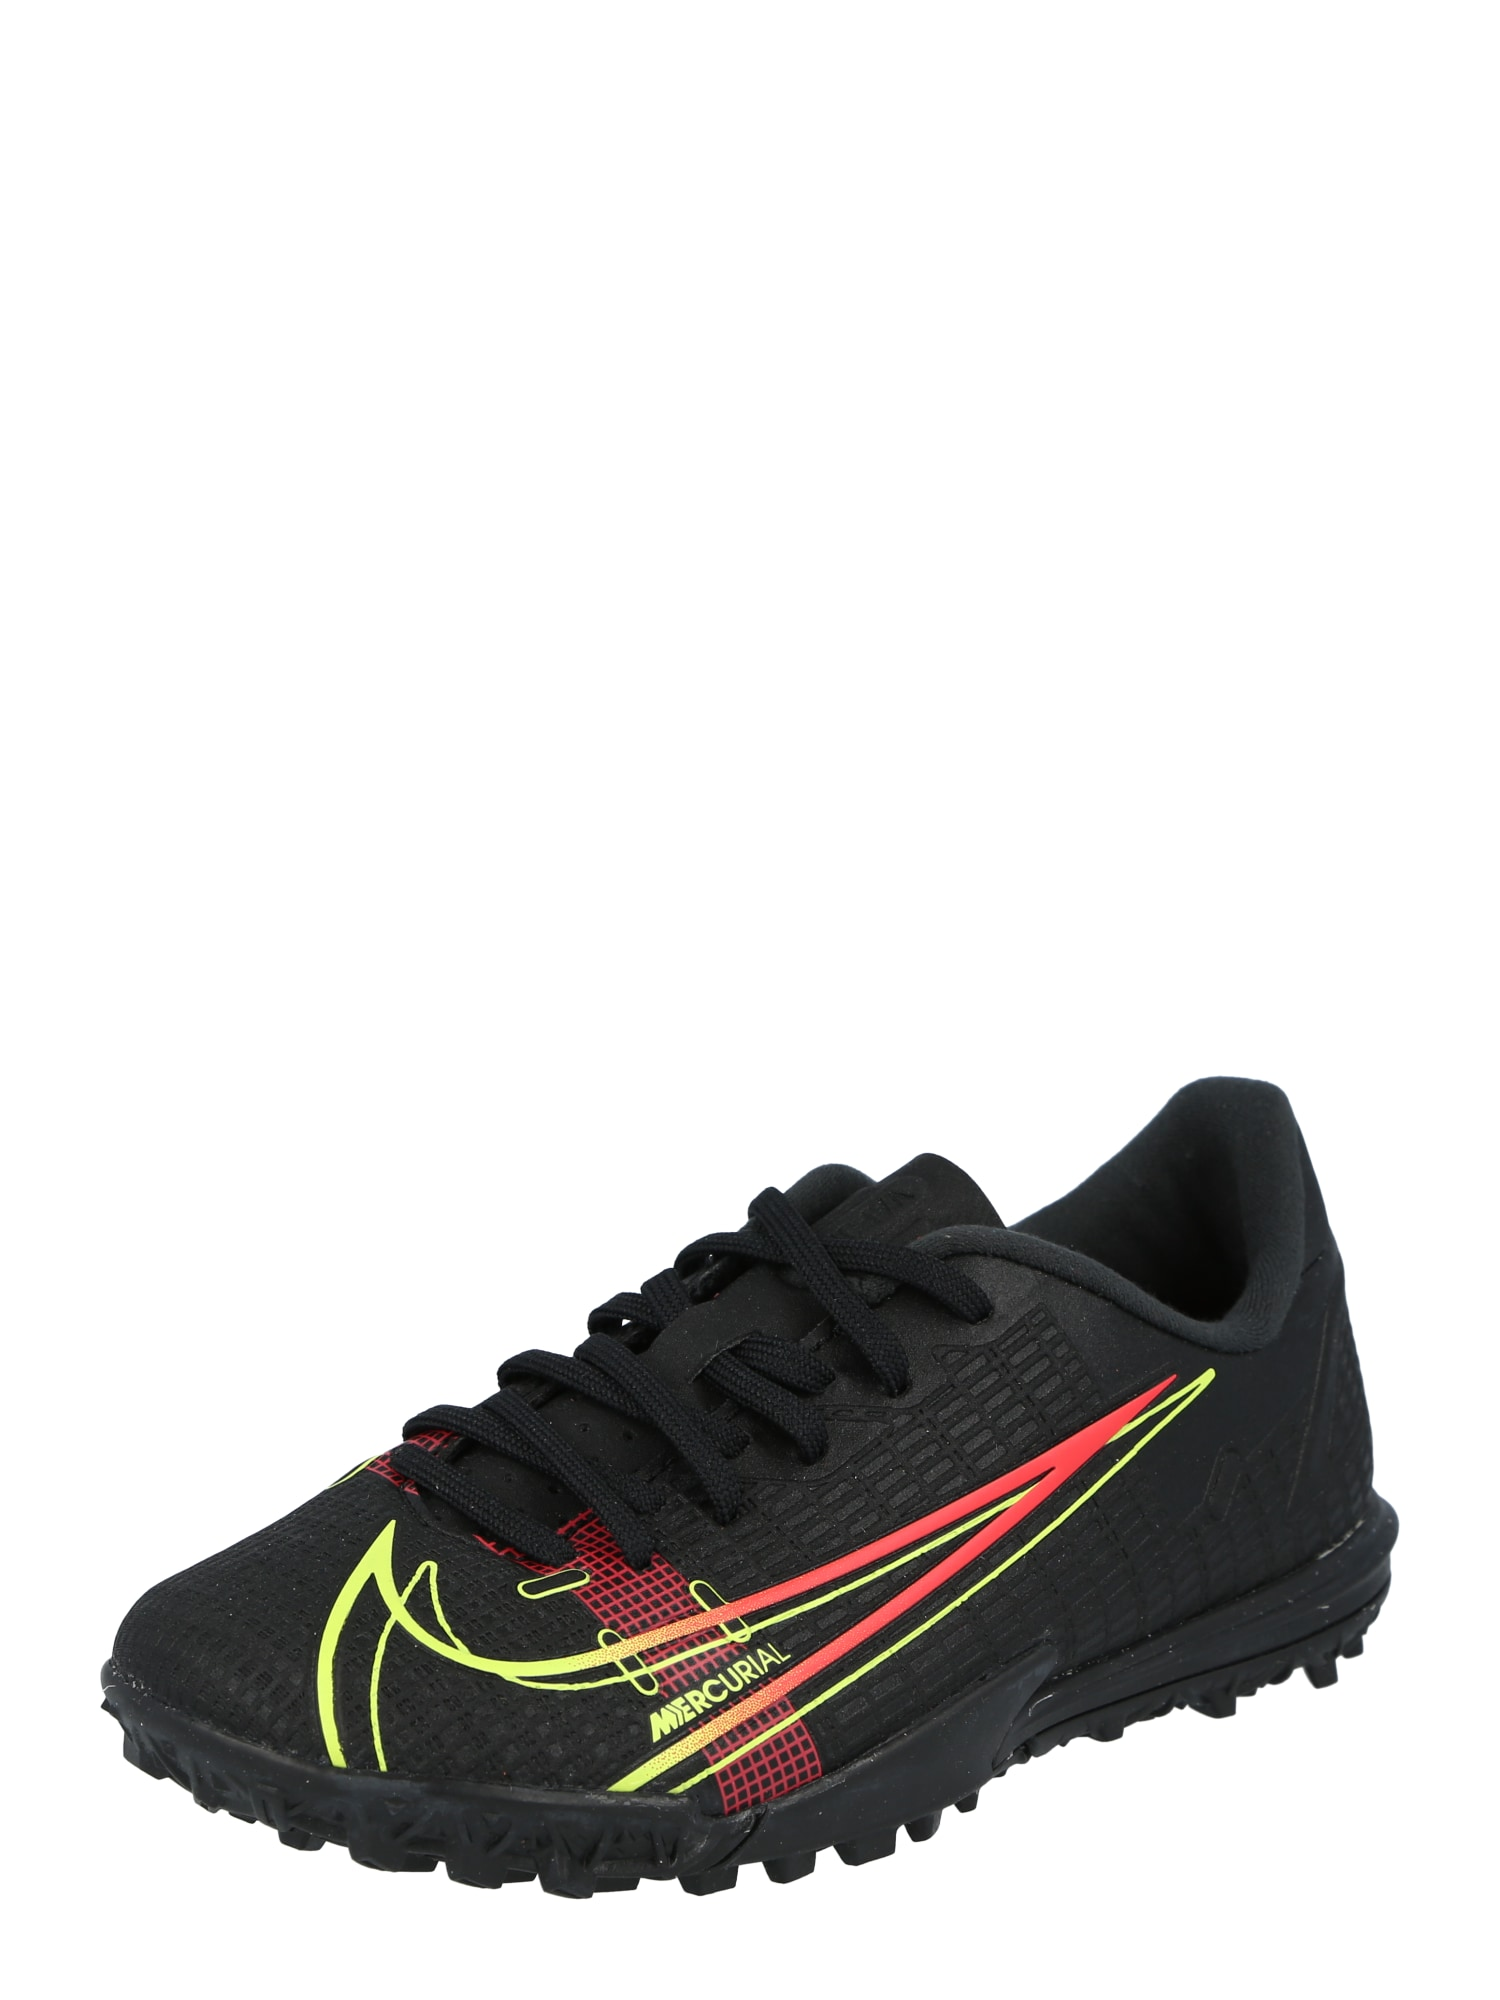 NIKE Sportiniai batai ' Vapor 14' juoda / oranžinė-raudona / geltonosios citrinos spalva